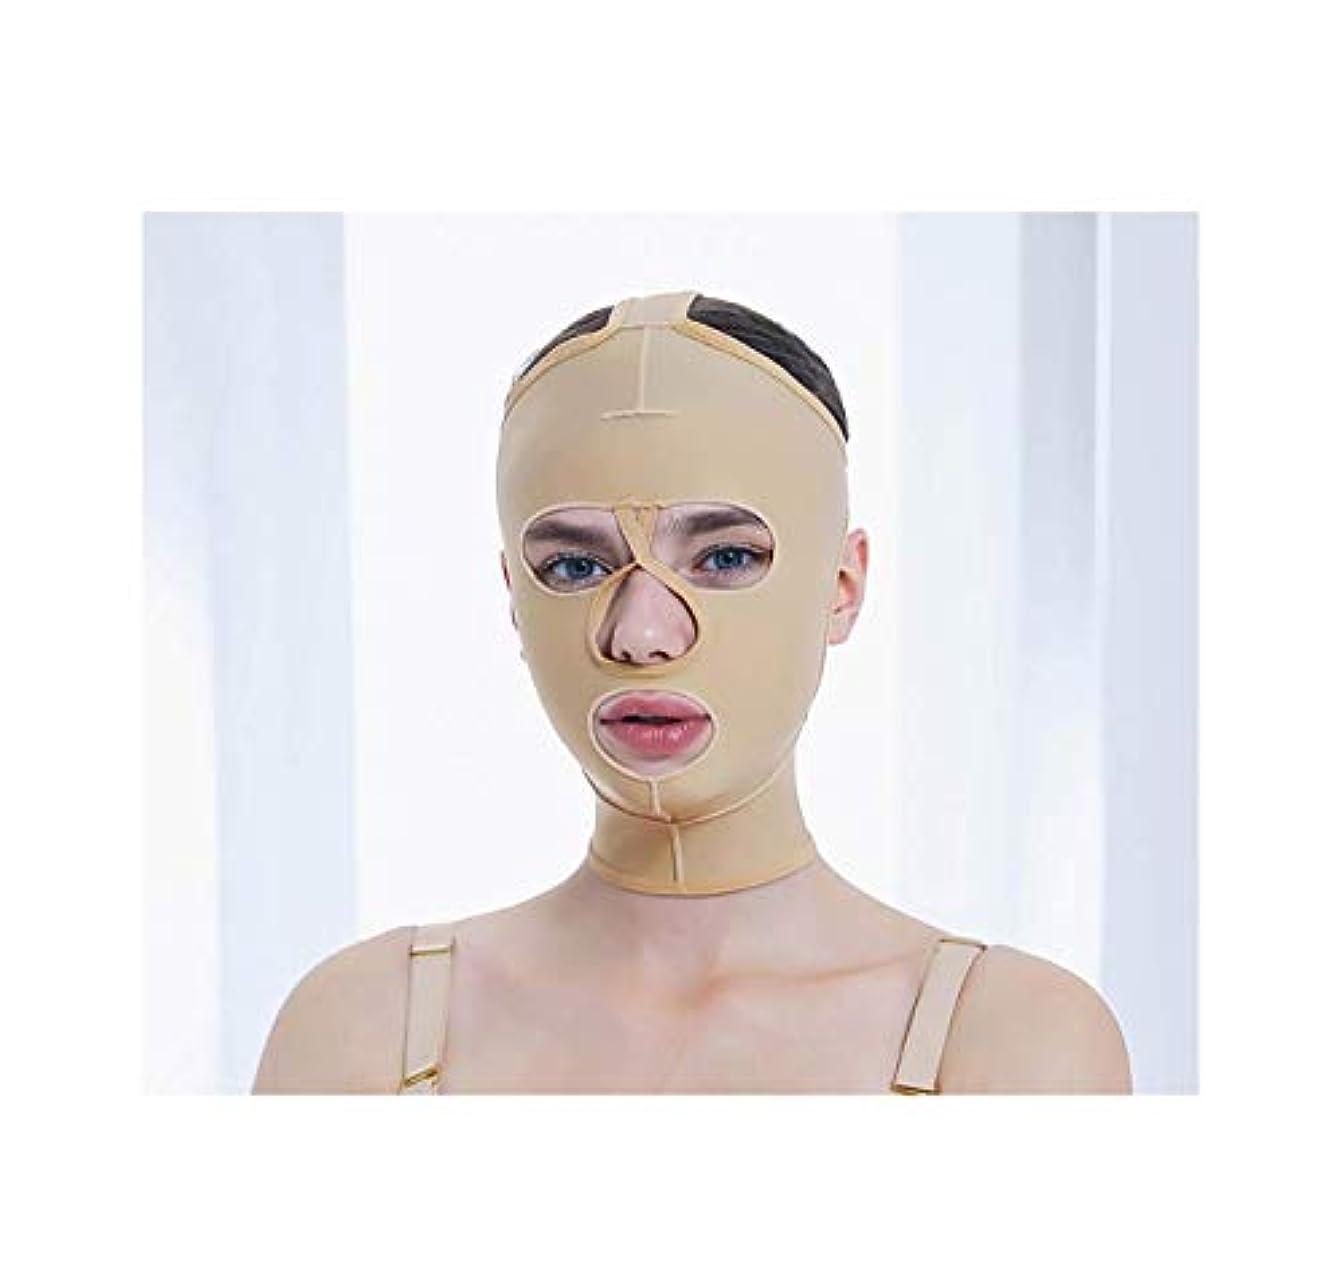 終わった喉頭ラウンジフェイス&ネックリフト、減量フェイスマスク脂肪吸引術脂肪吸引整形マスクフードフェイスリフティングアーティファクトVフェイスビームフェイス弾性スリーブ(サイズ:XS),Xl